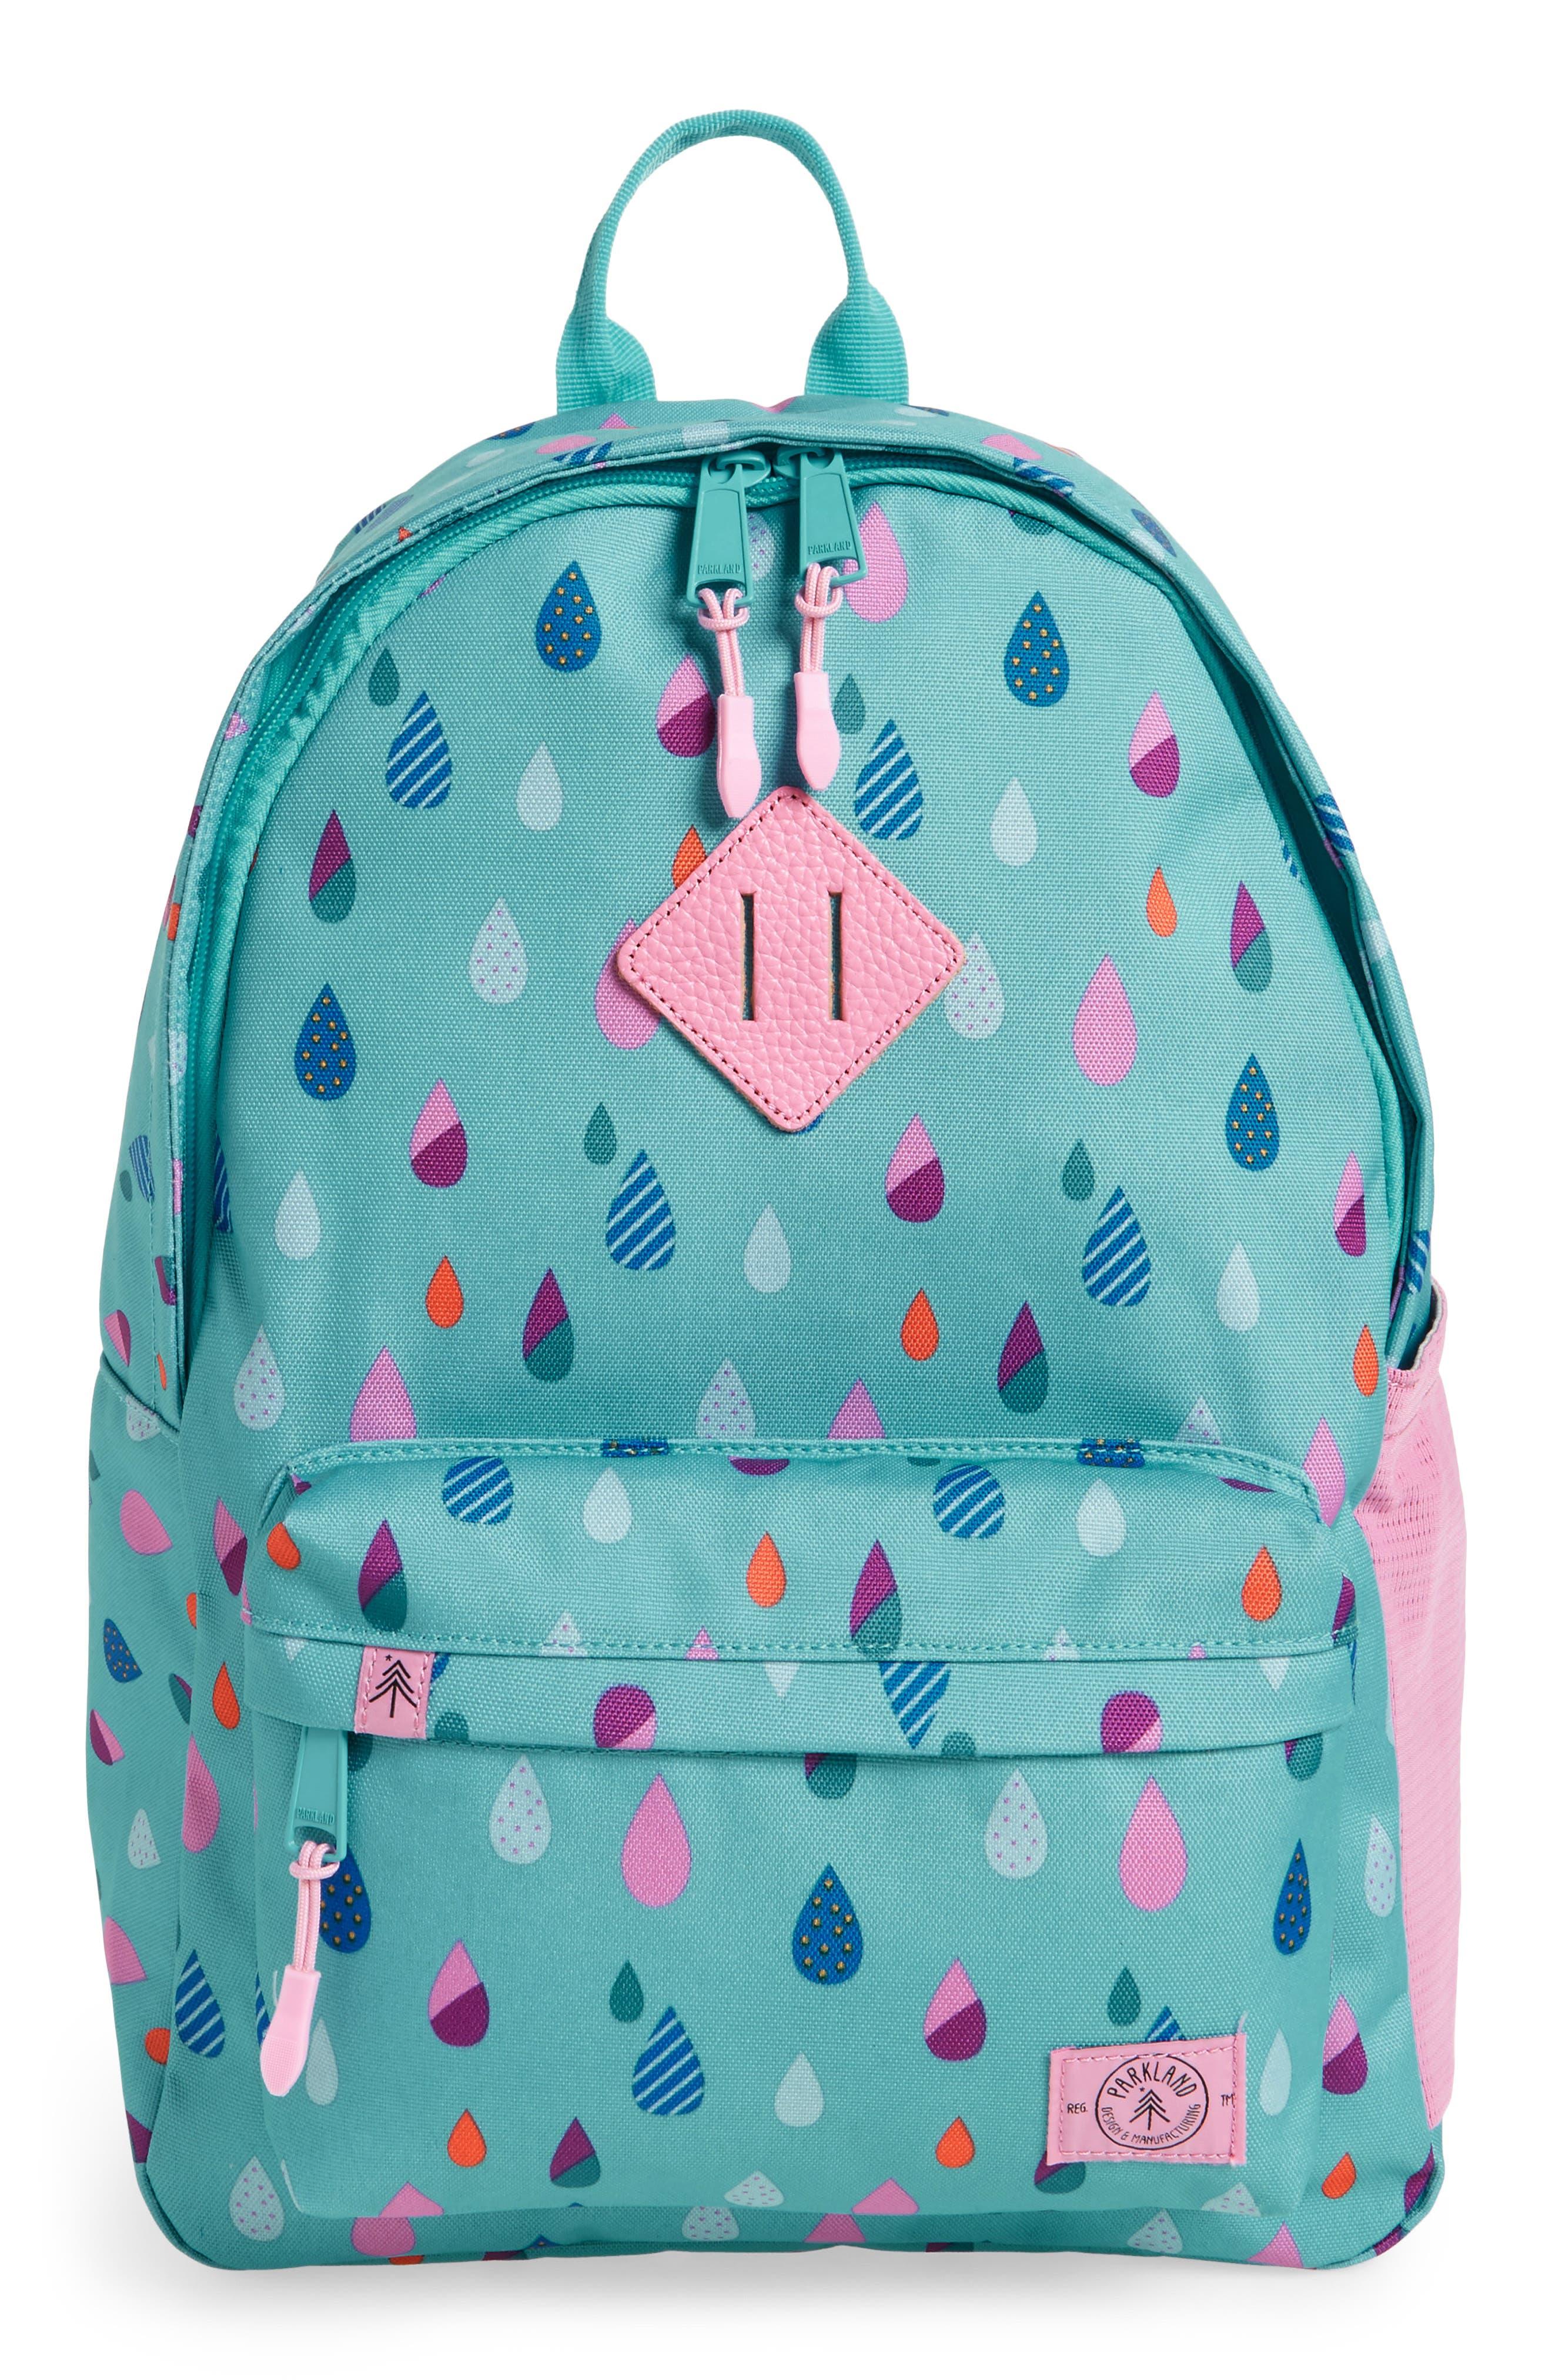 Parkland Bayside - Puddles Backpack (Kids)